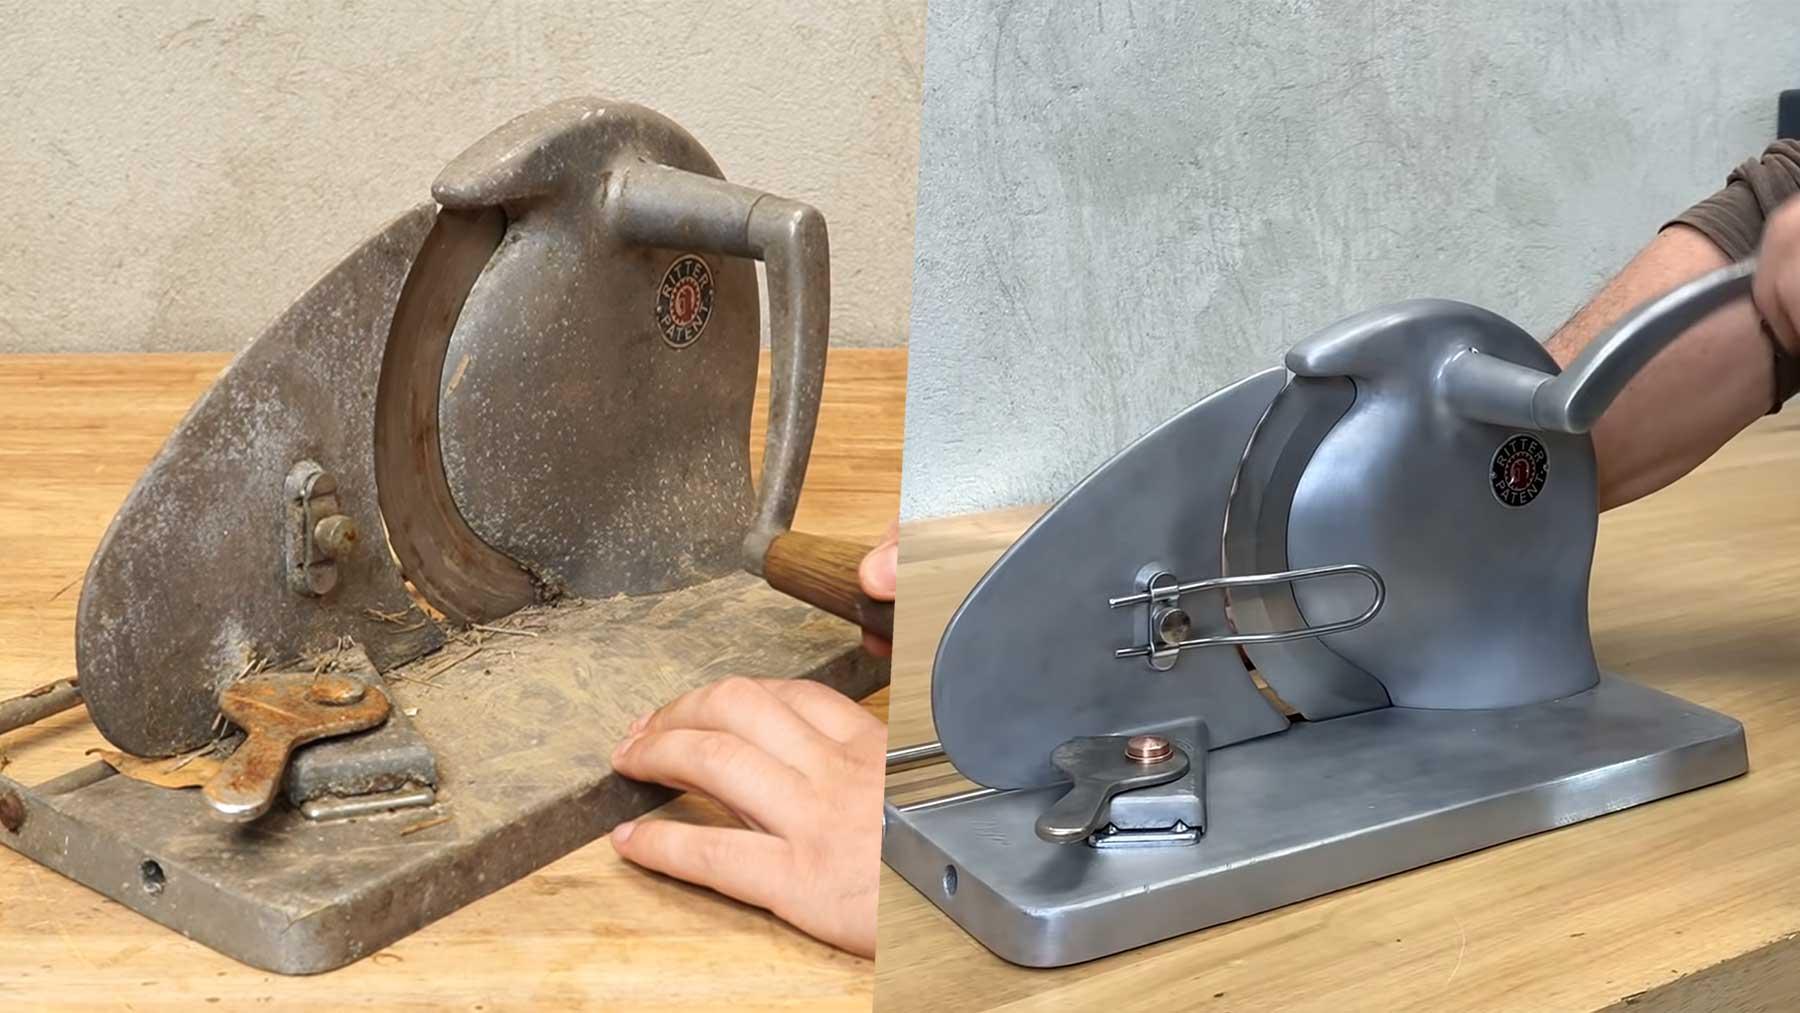 Restauration einer alten Brotschneidemaschine